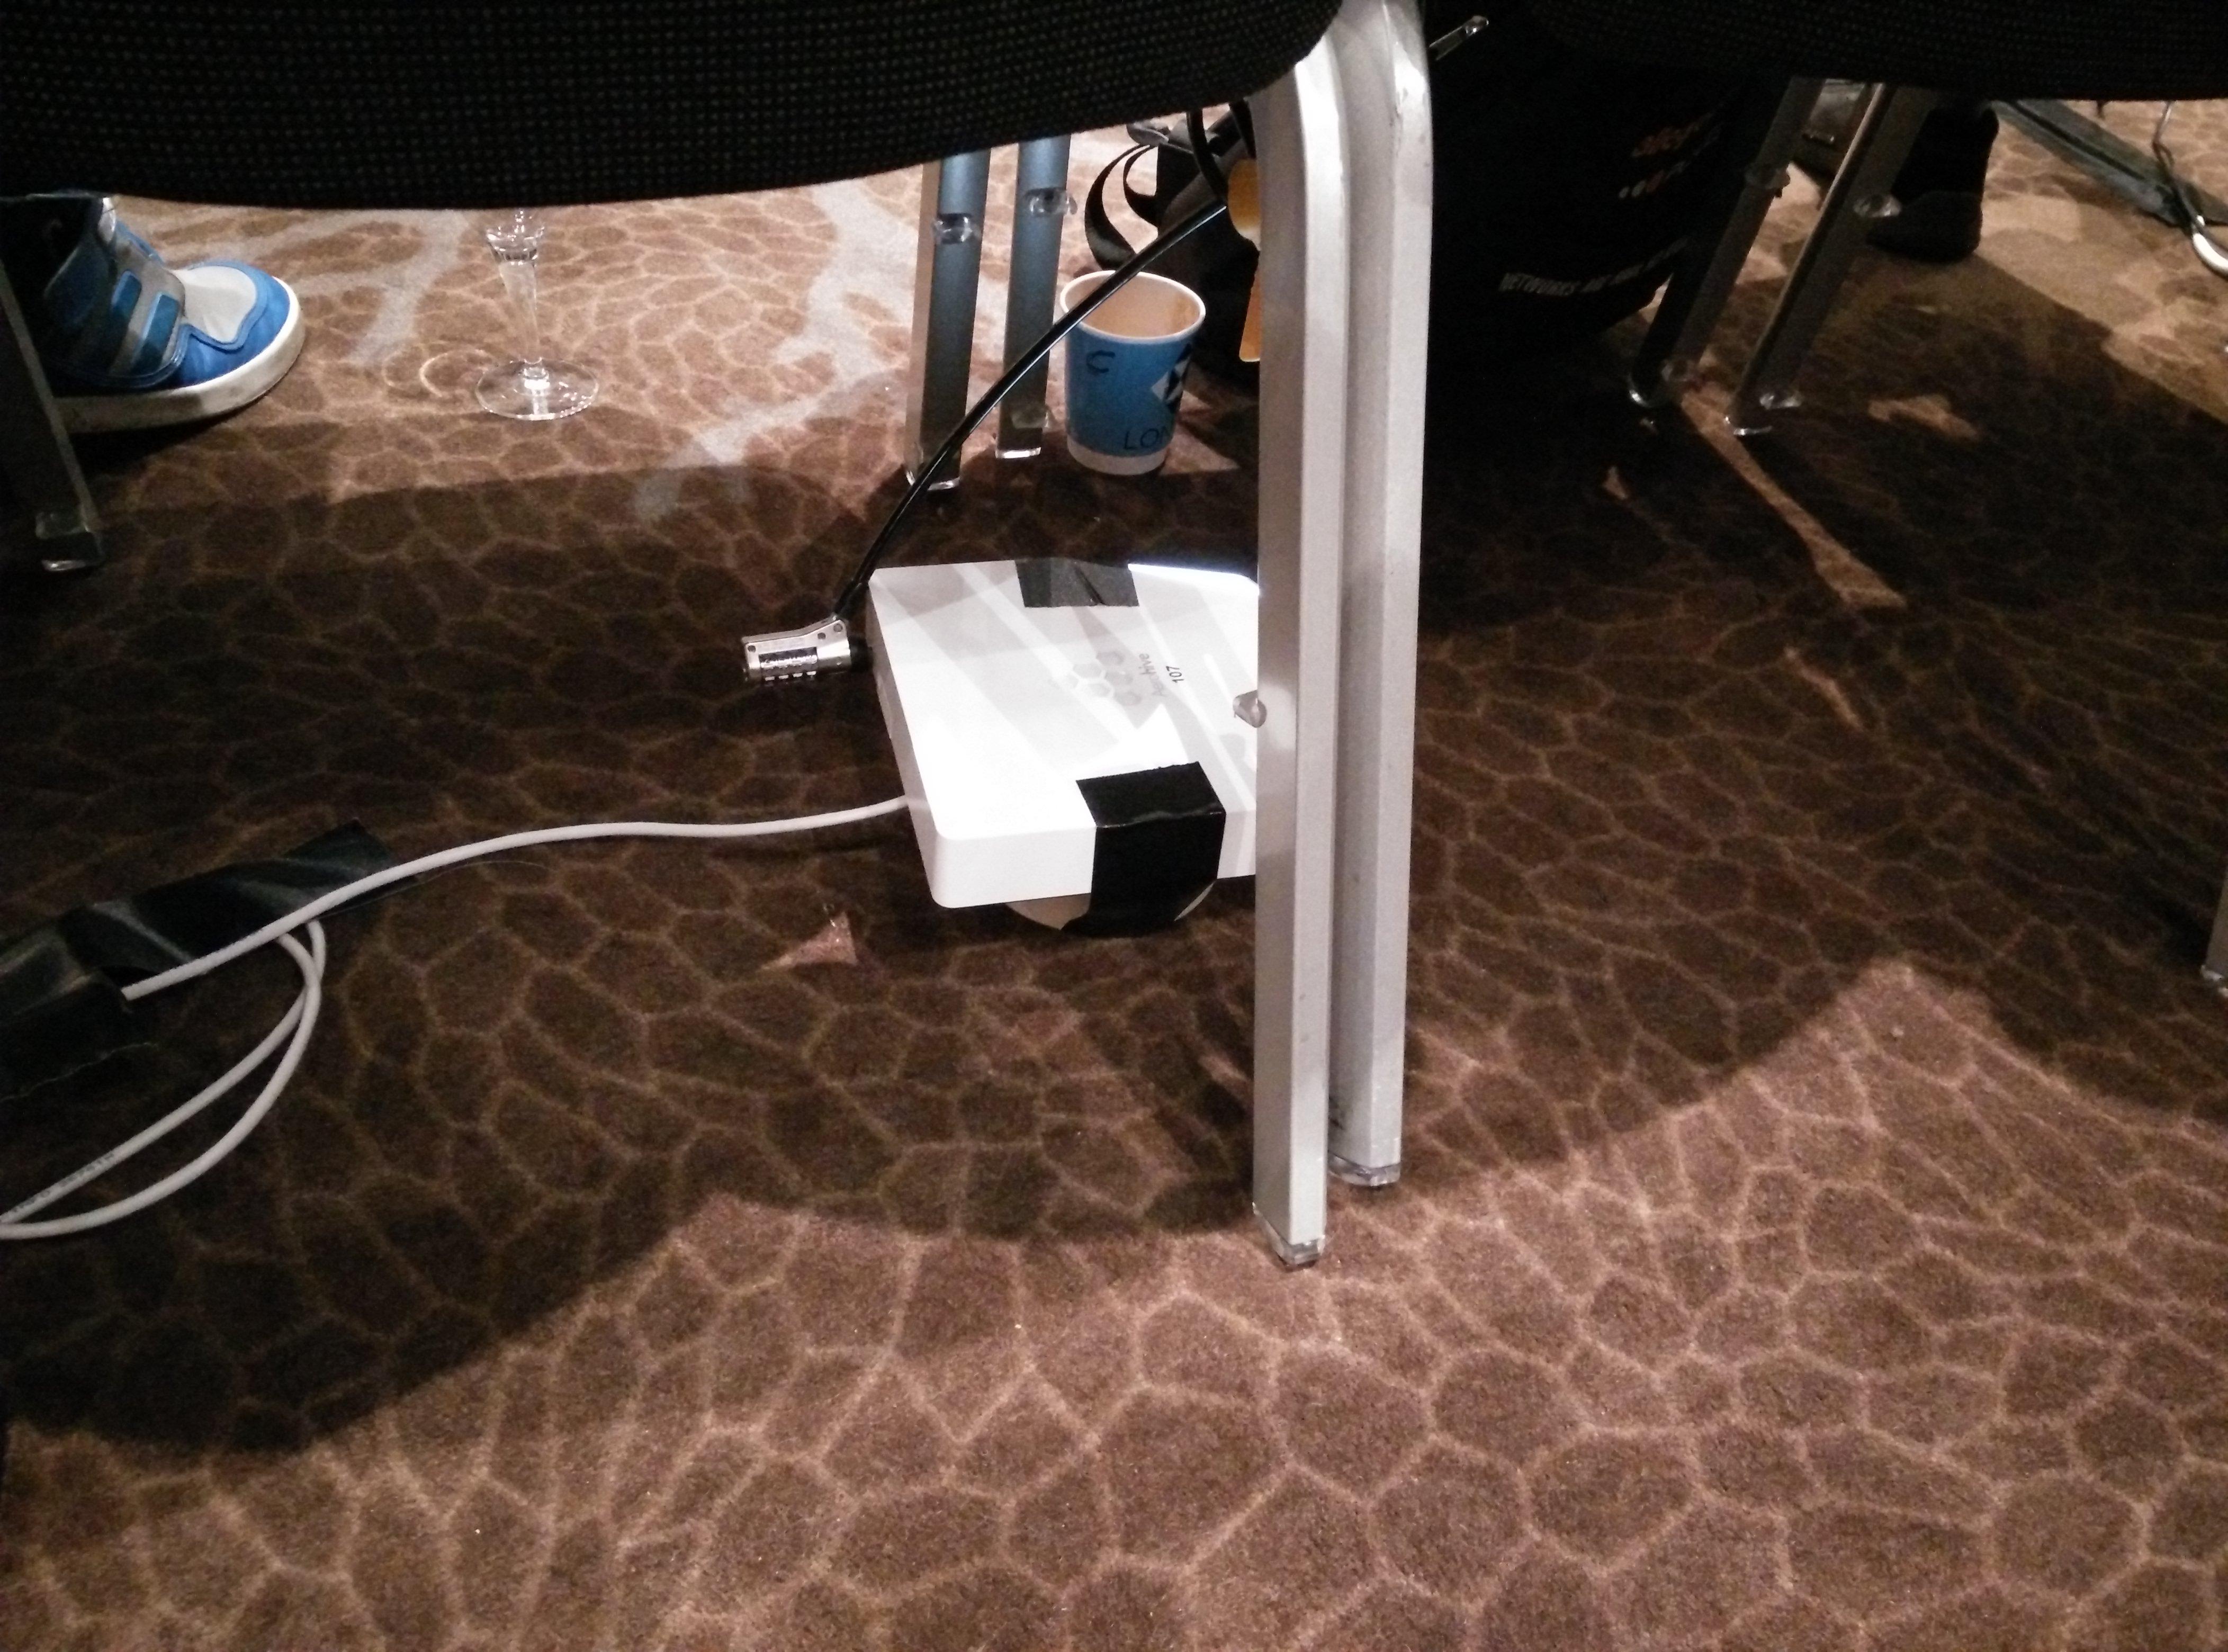 ripe69 wifi router